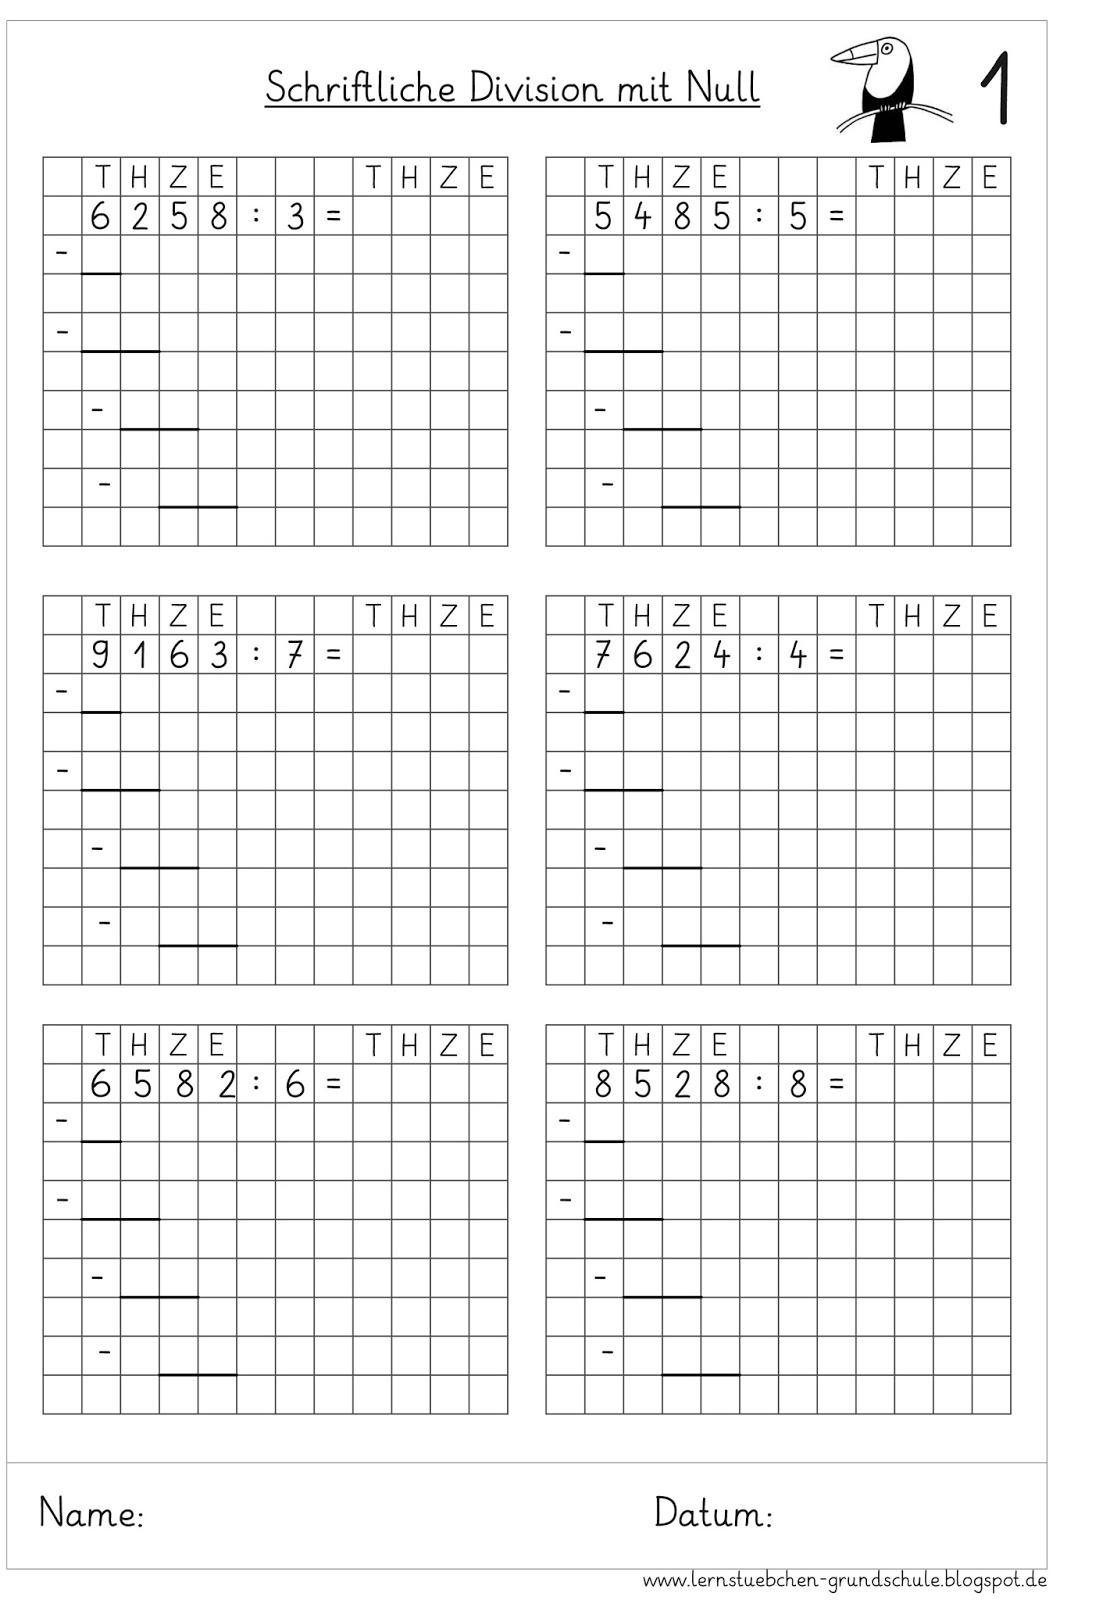 Lernstübchen: schriftliche Division mit einer Null im Ergebnis